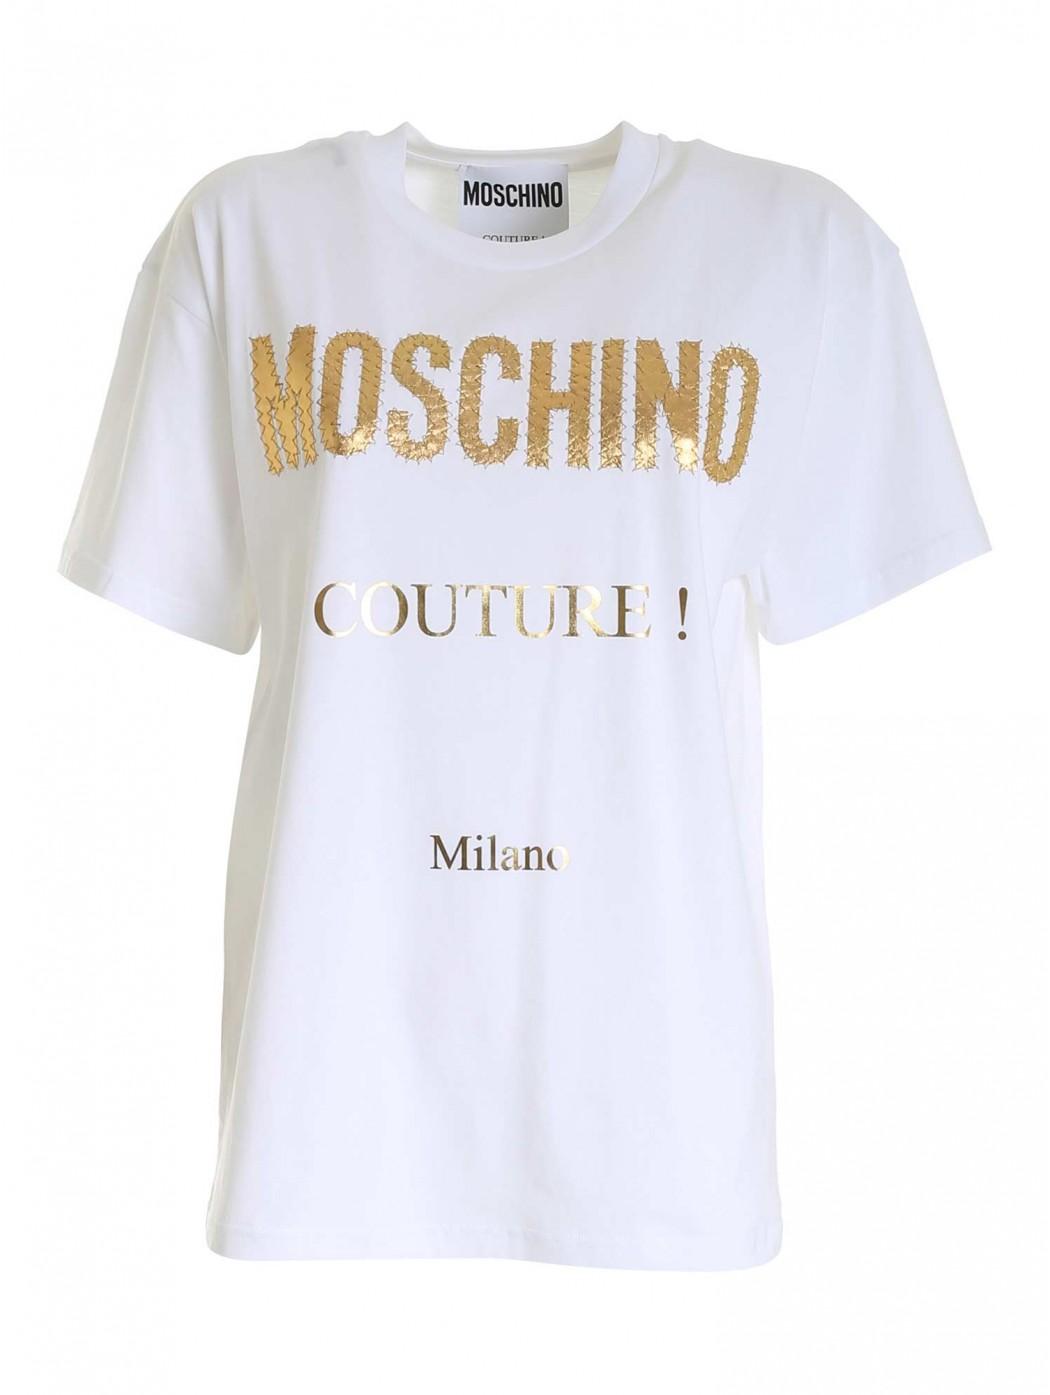 T-SHIRT MOSCHINO 07130440 J1001